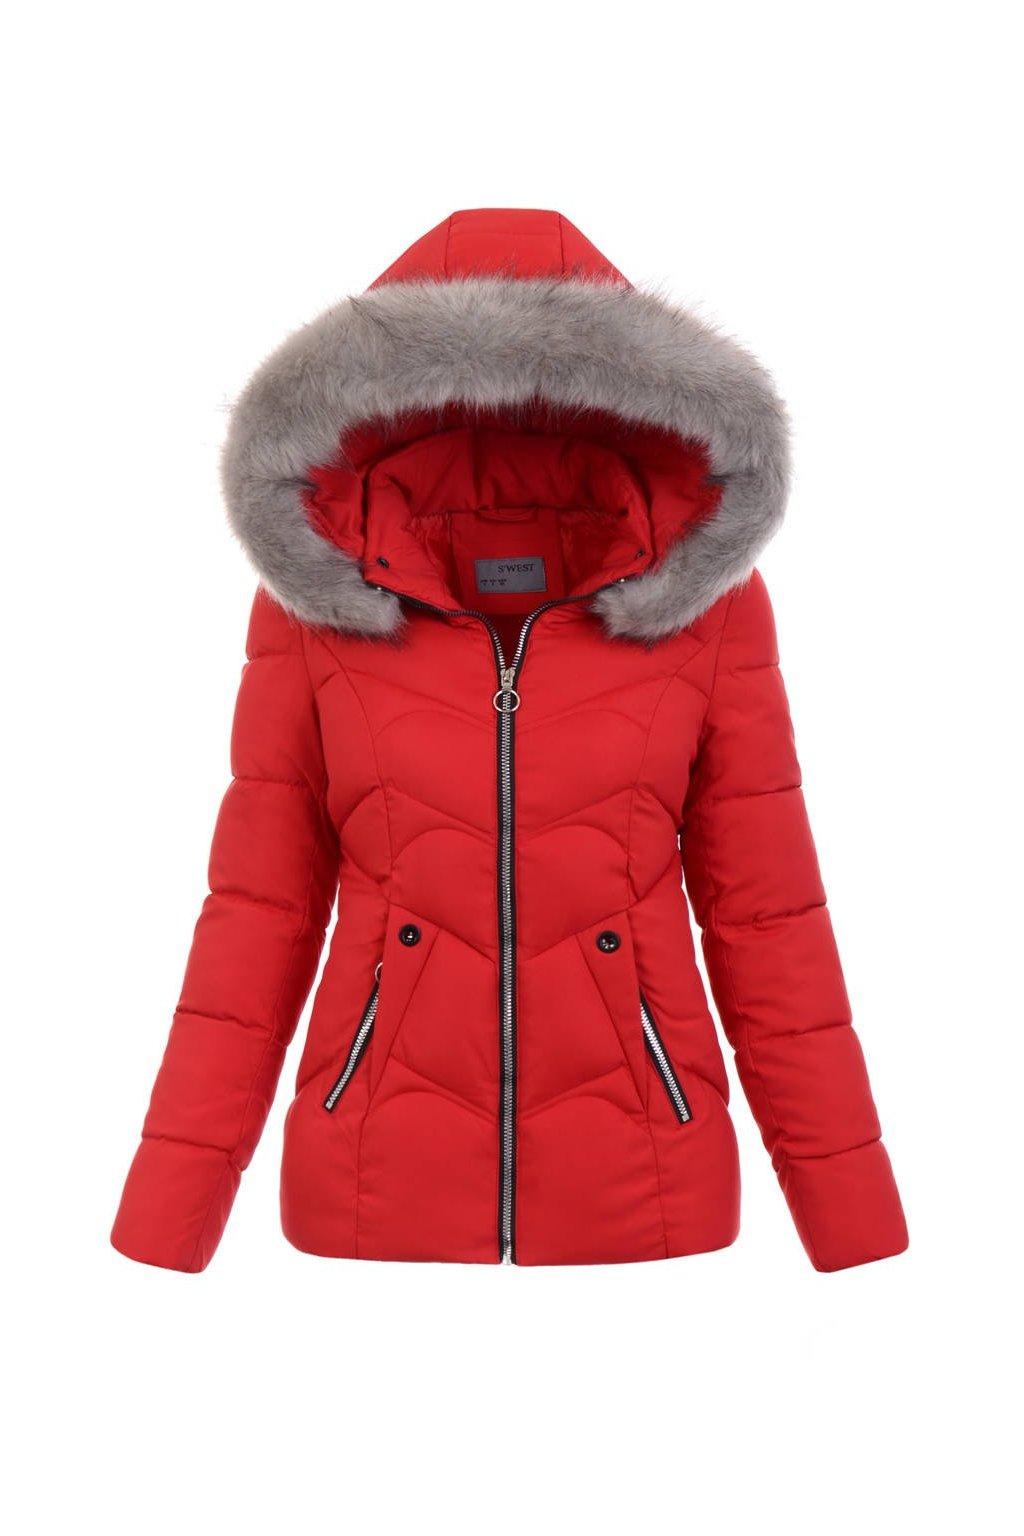 Dámska zimná bunda s kapucňou 5135 červená